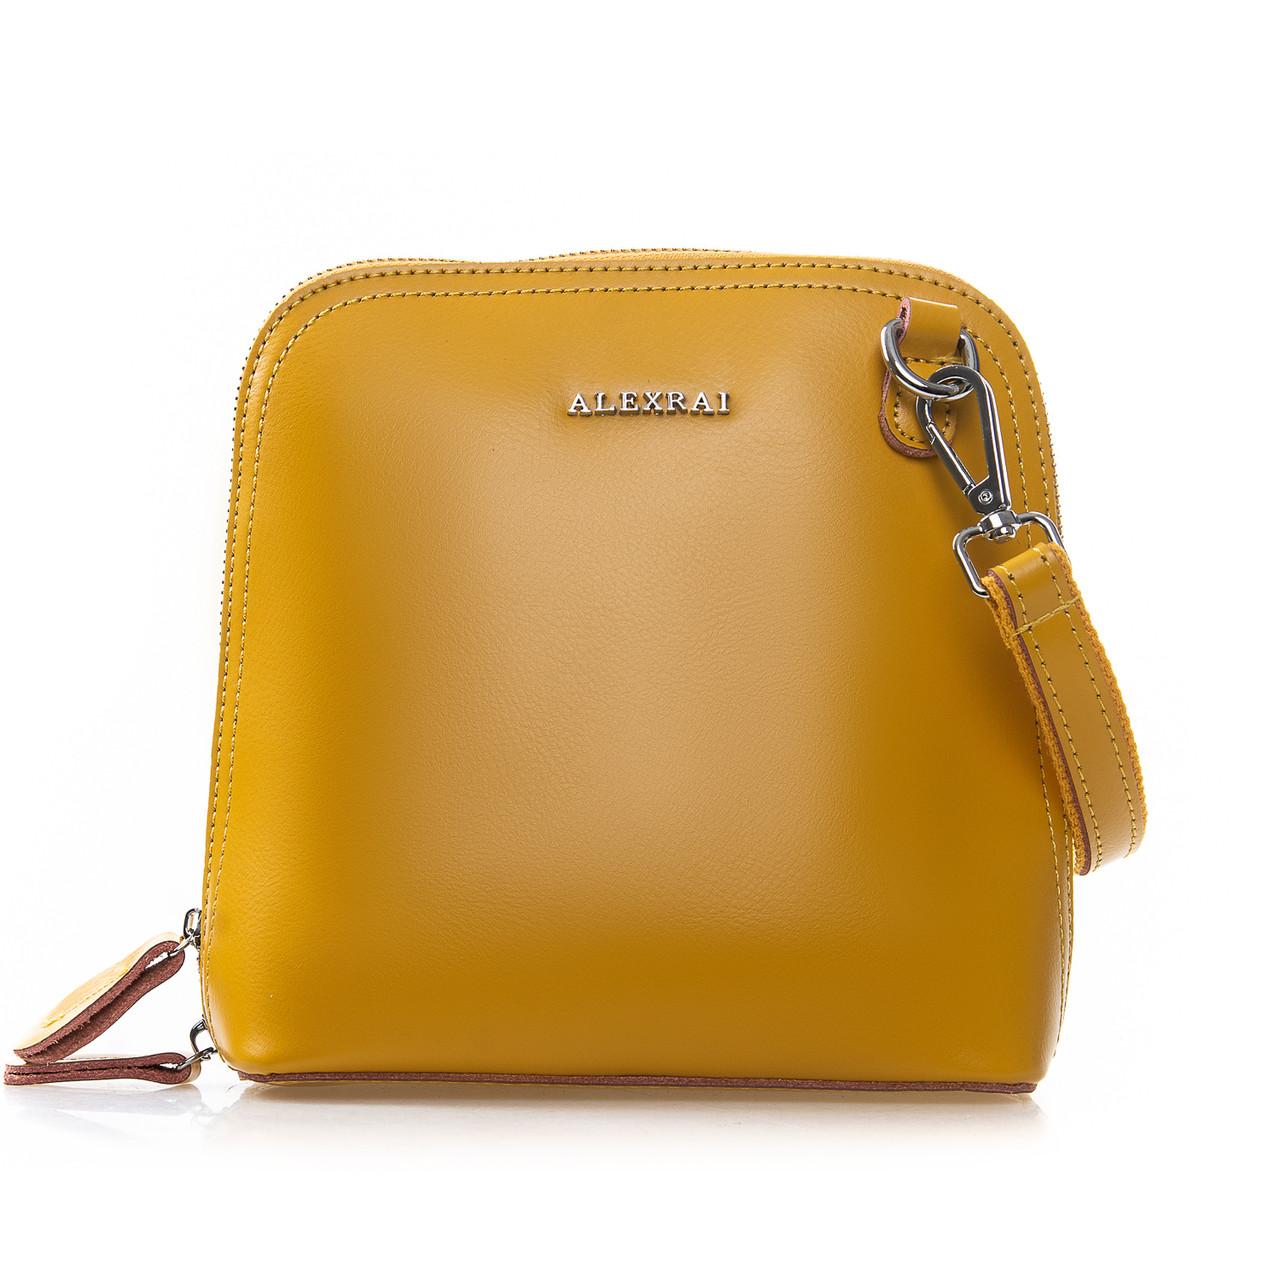 Сумка Женская Клатч кожа ALEX RAI 2-01 8803 yellow